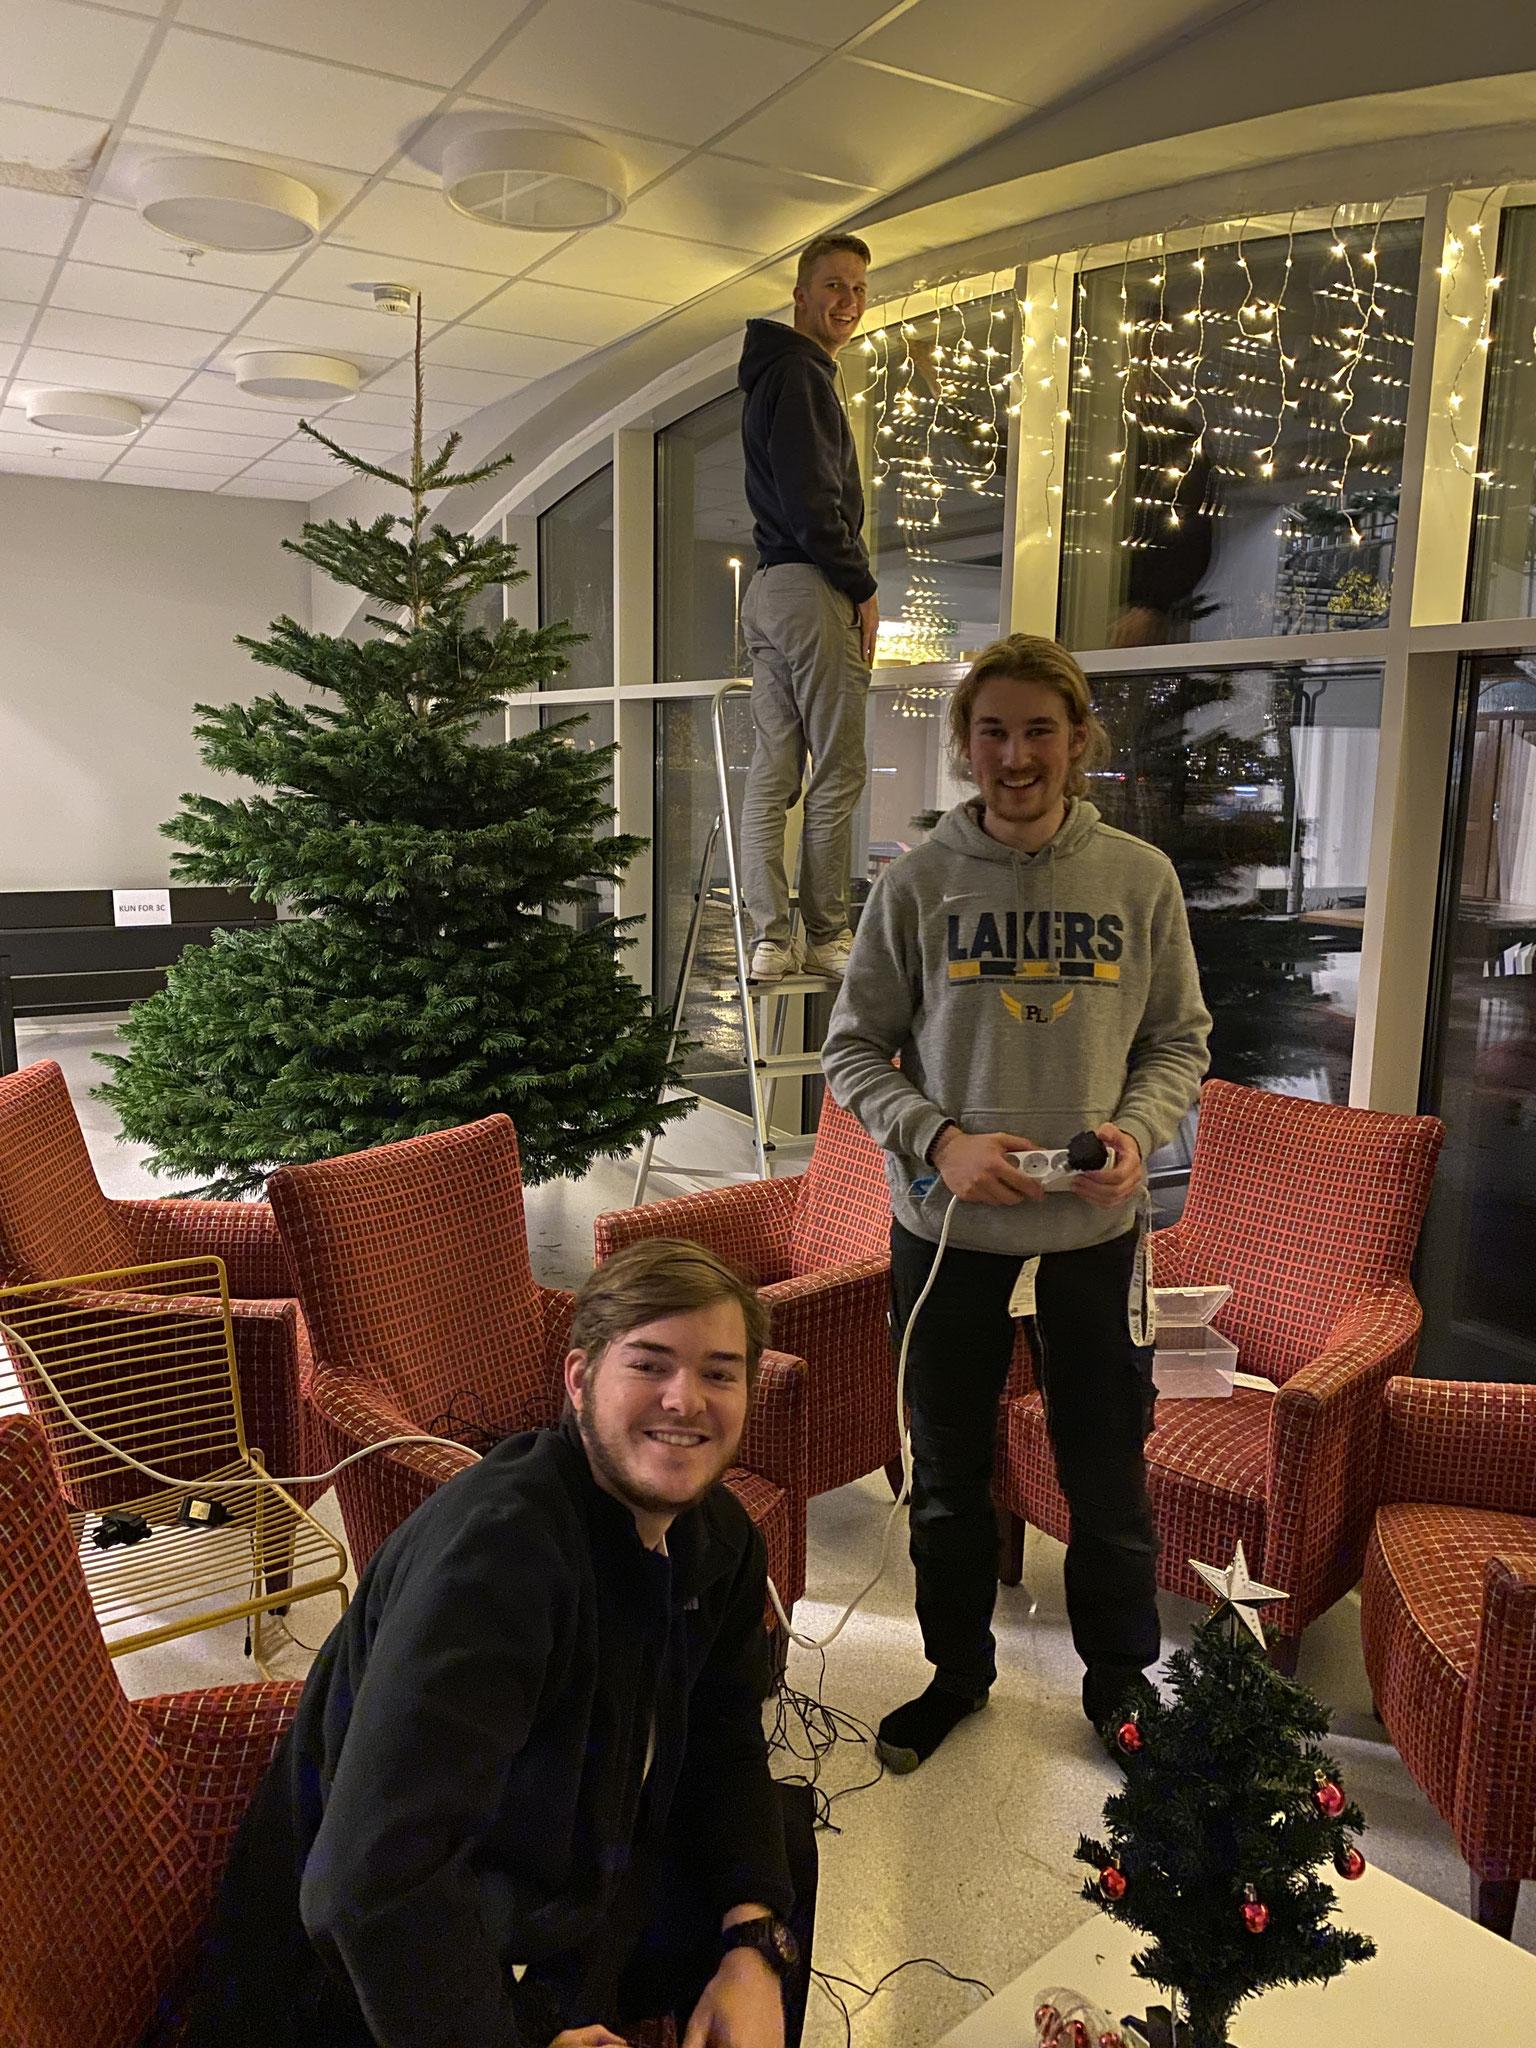 Zu Weihnachten wurde die gesamte Schule von den Praktikanten Tim, Paul und Jonas (v.l.) geschmückt